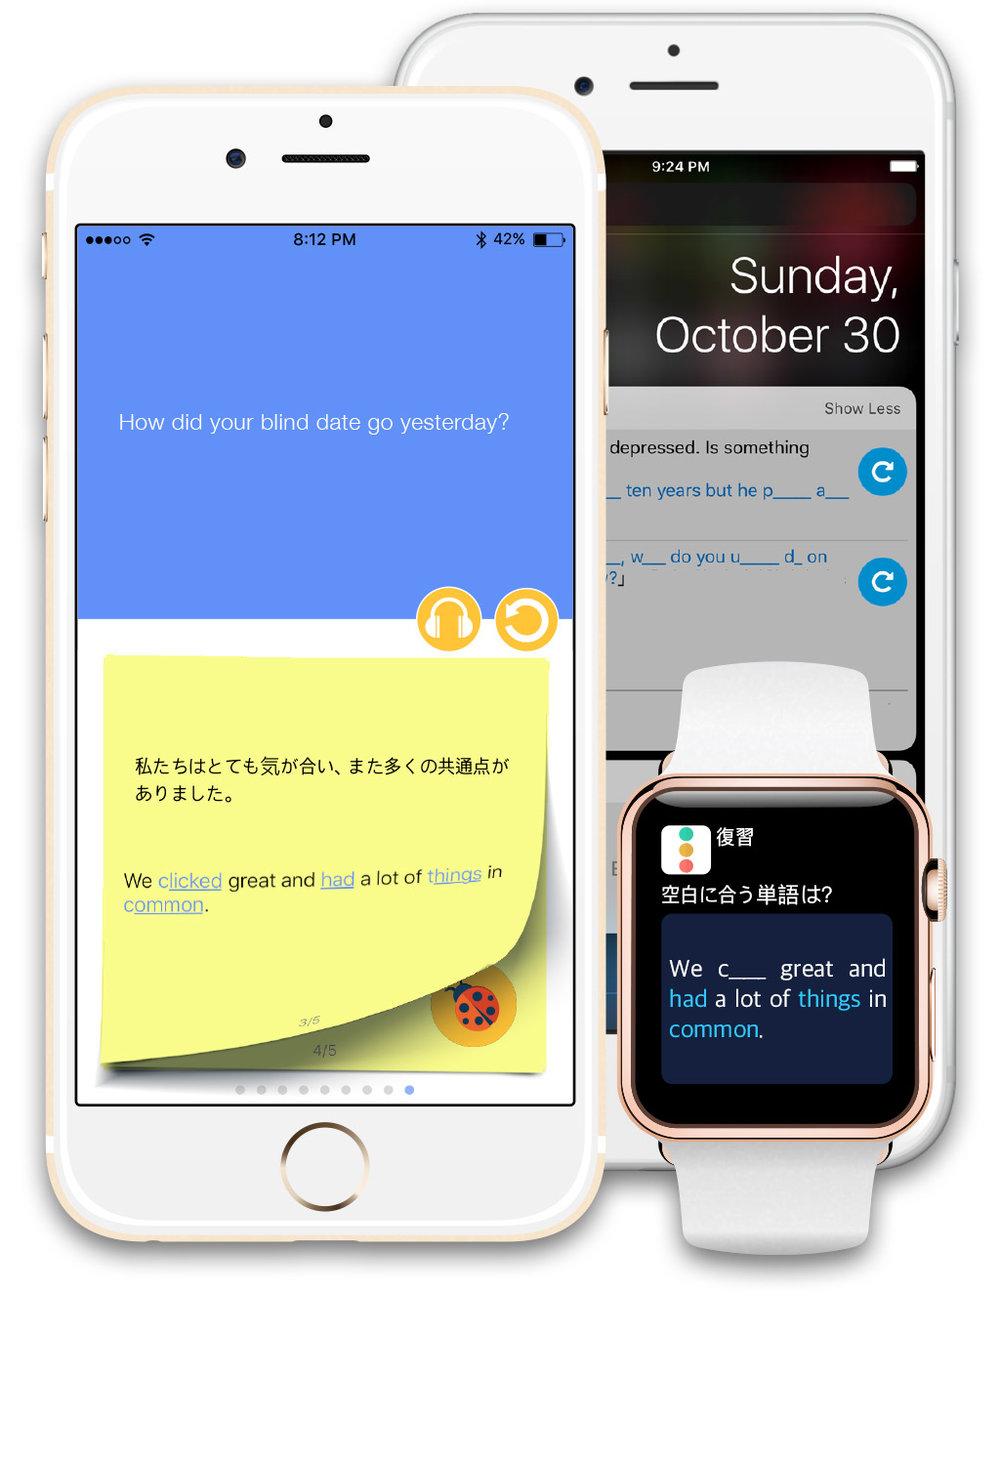 このアプリには通知センターの'ウィジェット'学習や通知クイズ学習、アップルウォッチを利用した学習、またリスニング専用モード、毎日の新規表現プッシュ通知など、多彩な学習方法があります。 「8-STEP英会話」